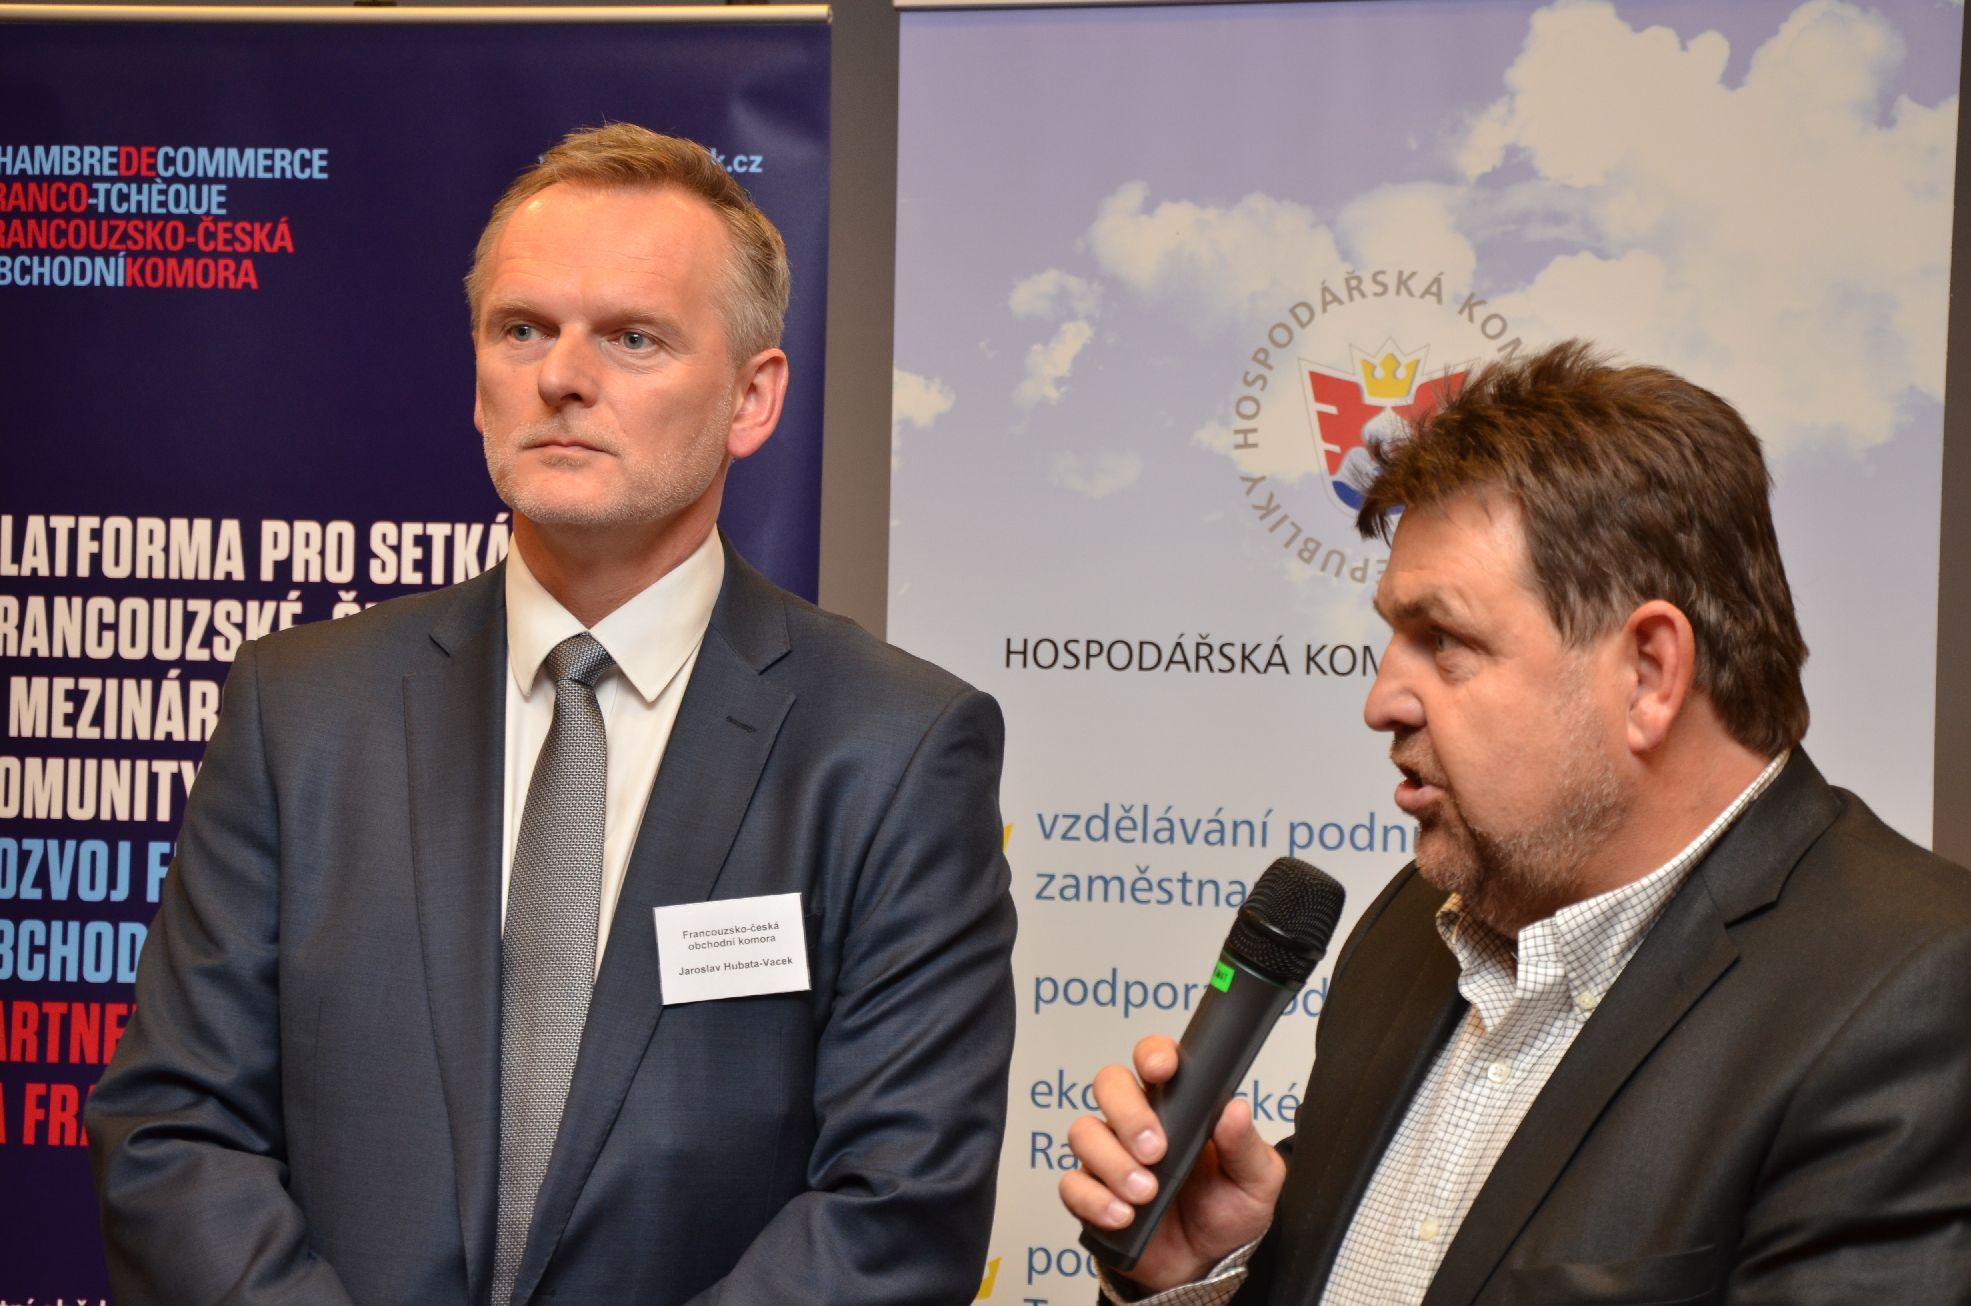 Galerie de photos : SPEED BUSINESS MEETING avec les membres de la Chambre de commerce de Prague